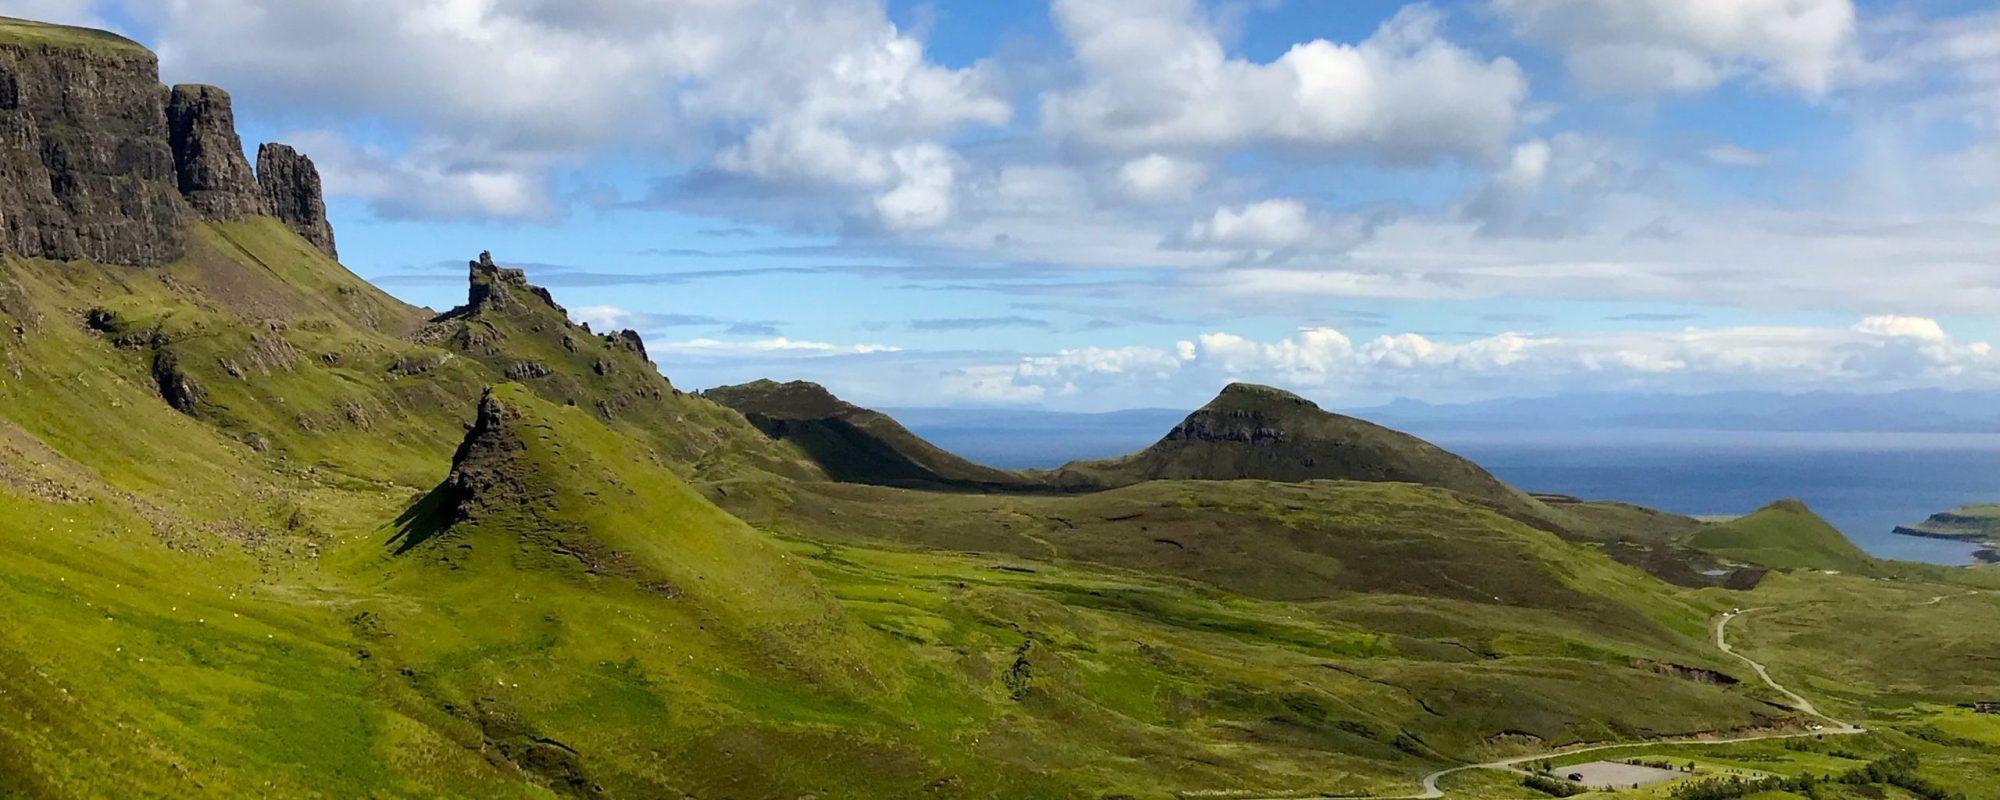 3 Day Isle of Skye Tour